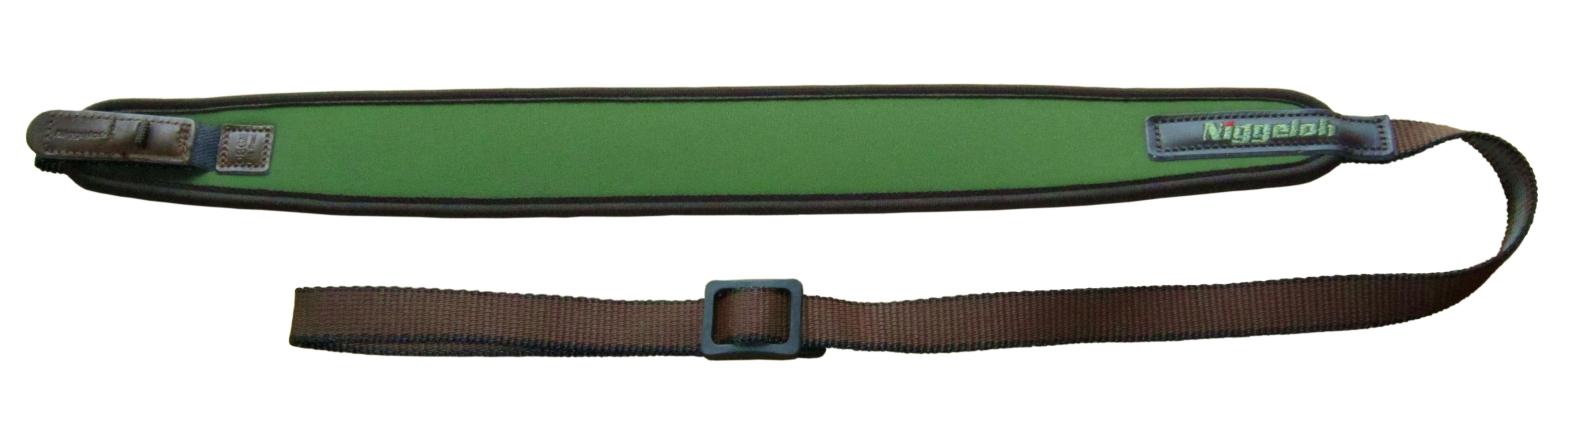 Neoprénový remeň na zbraň Niggeloh Universal s rýchloupínacím zapínaním zelený